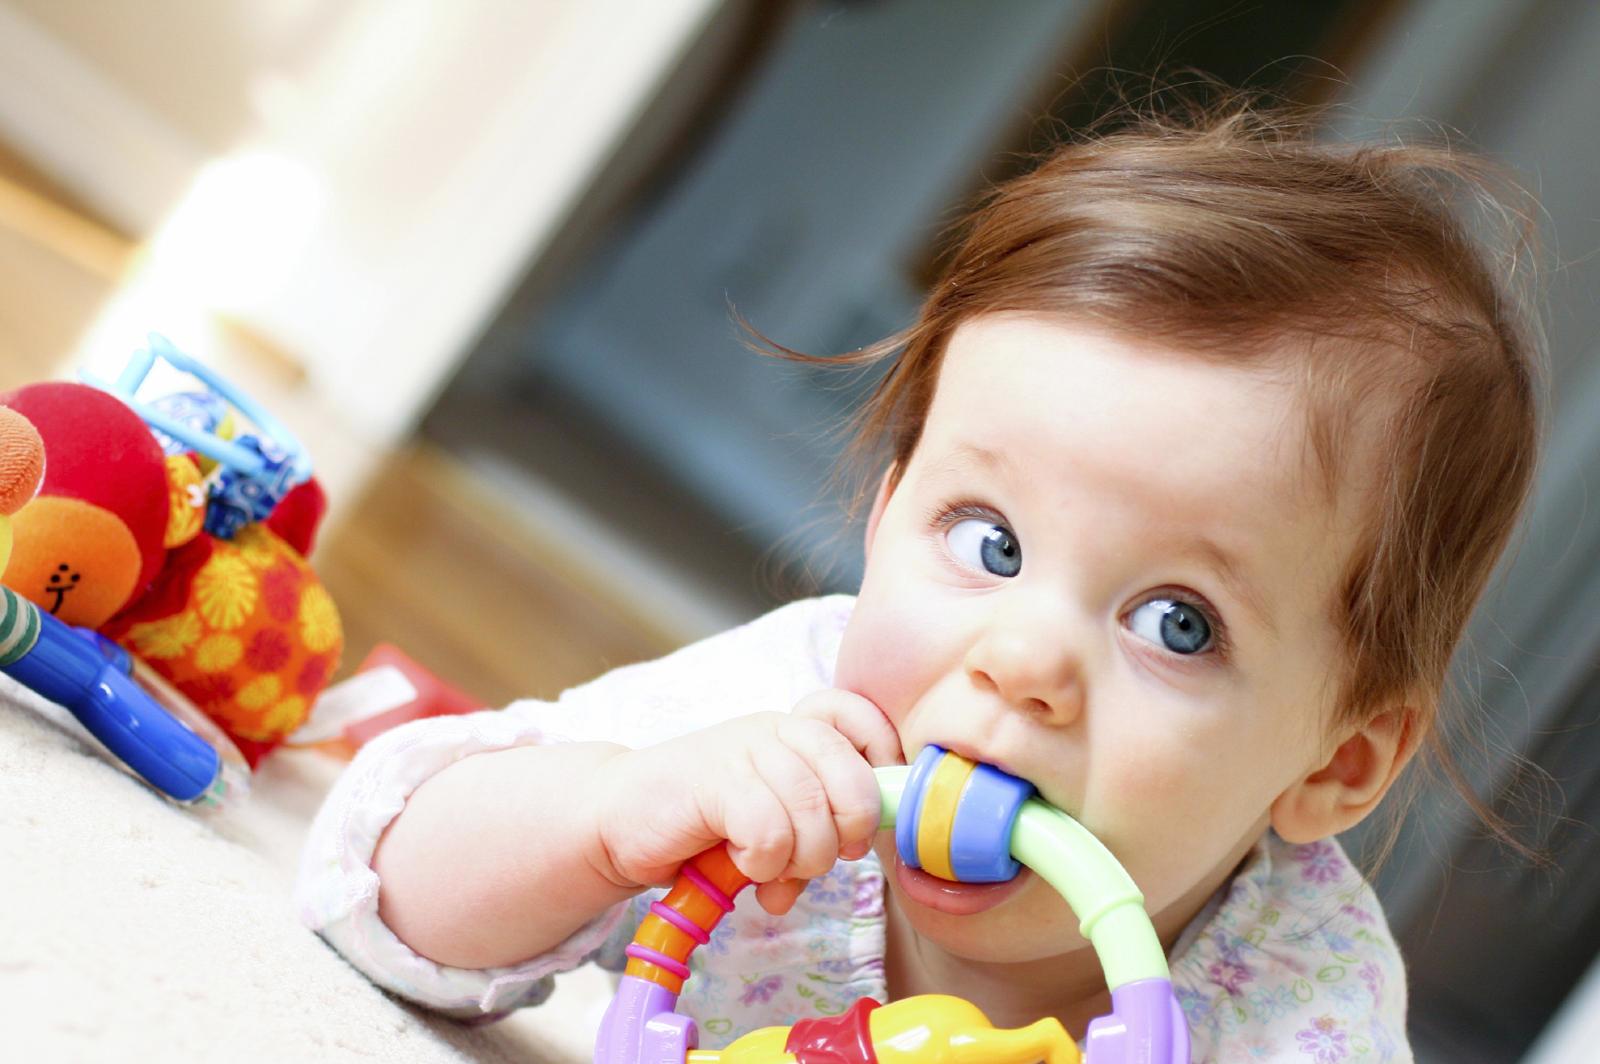 bébé avec un jouet dans la bouche